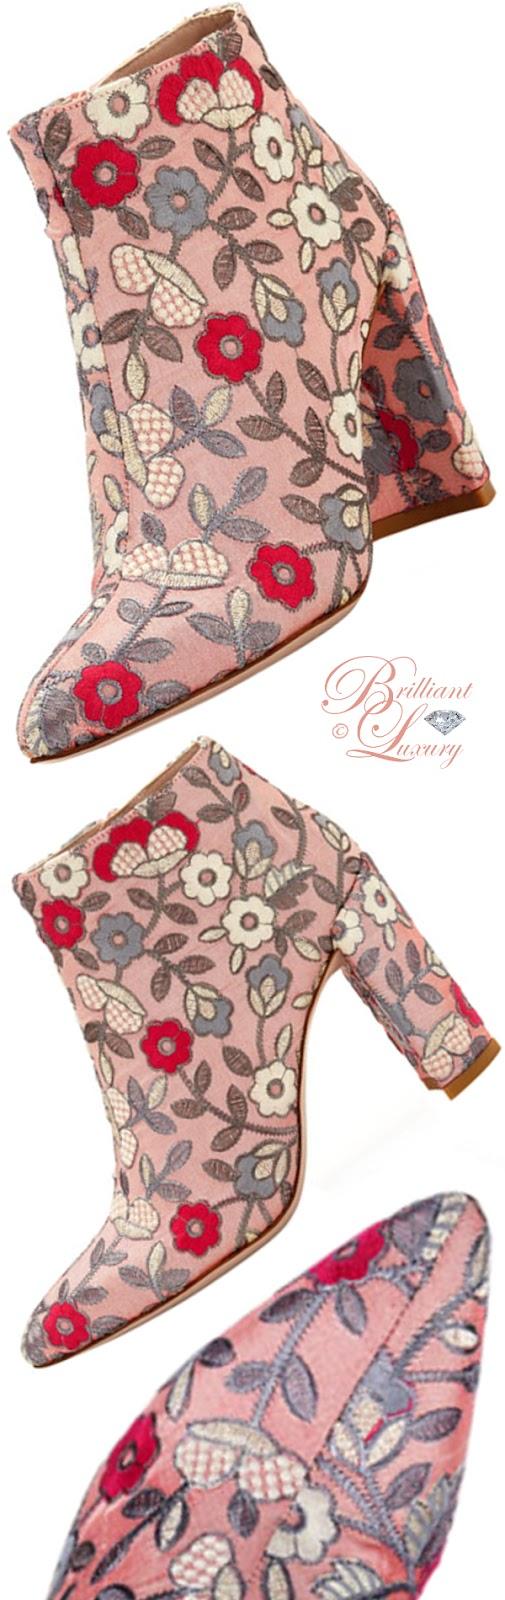 Brilliant Luxury ♦ Stuart Weitzman embroidered bootie